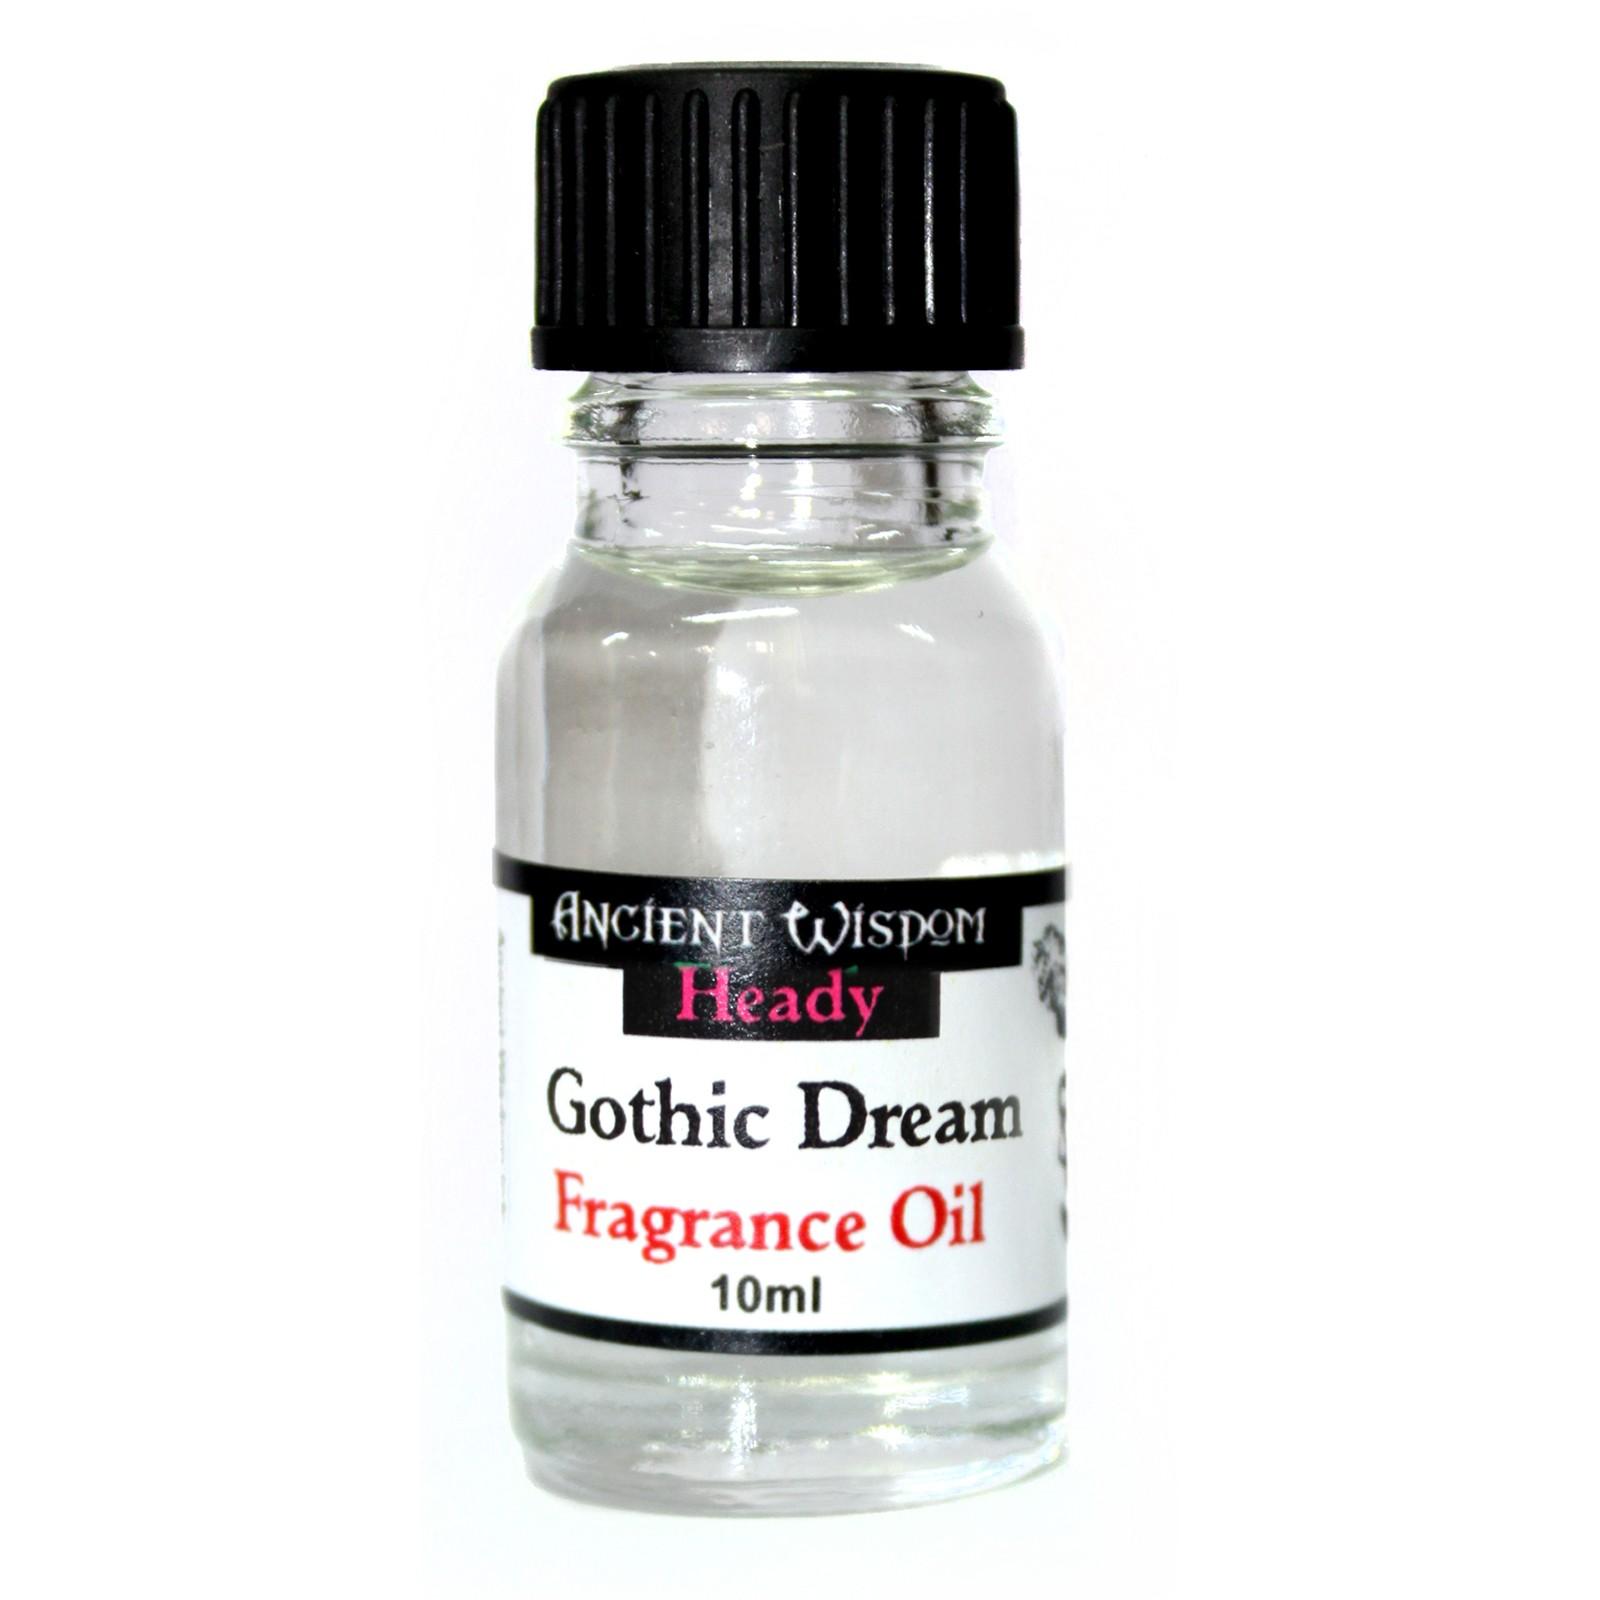 10ml Gothic Dream Fragrance Oil